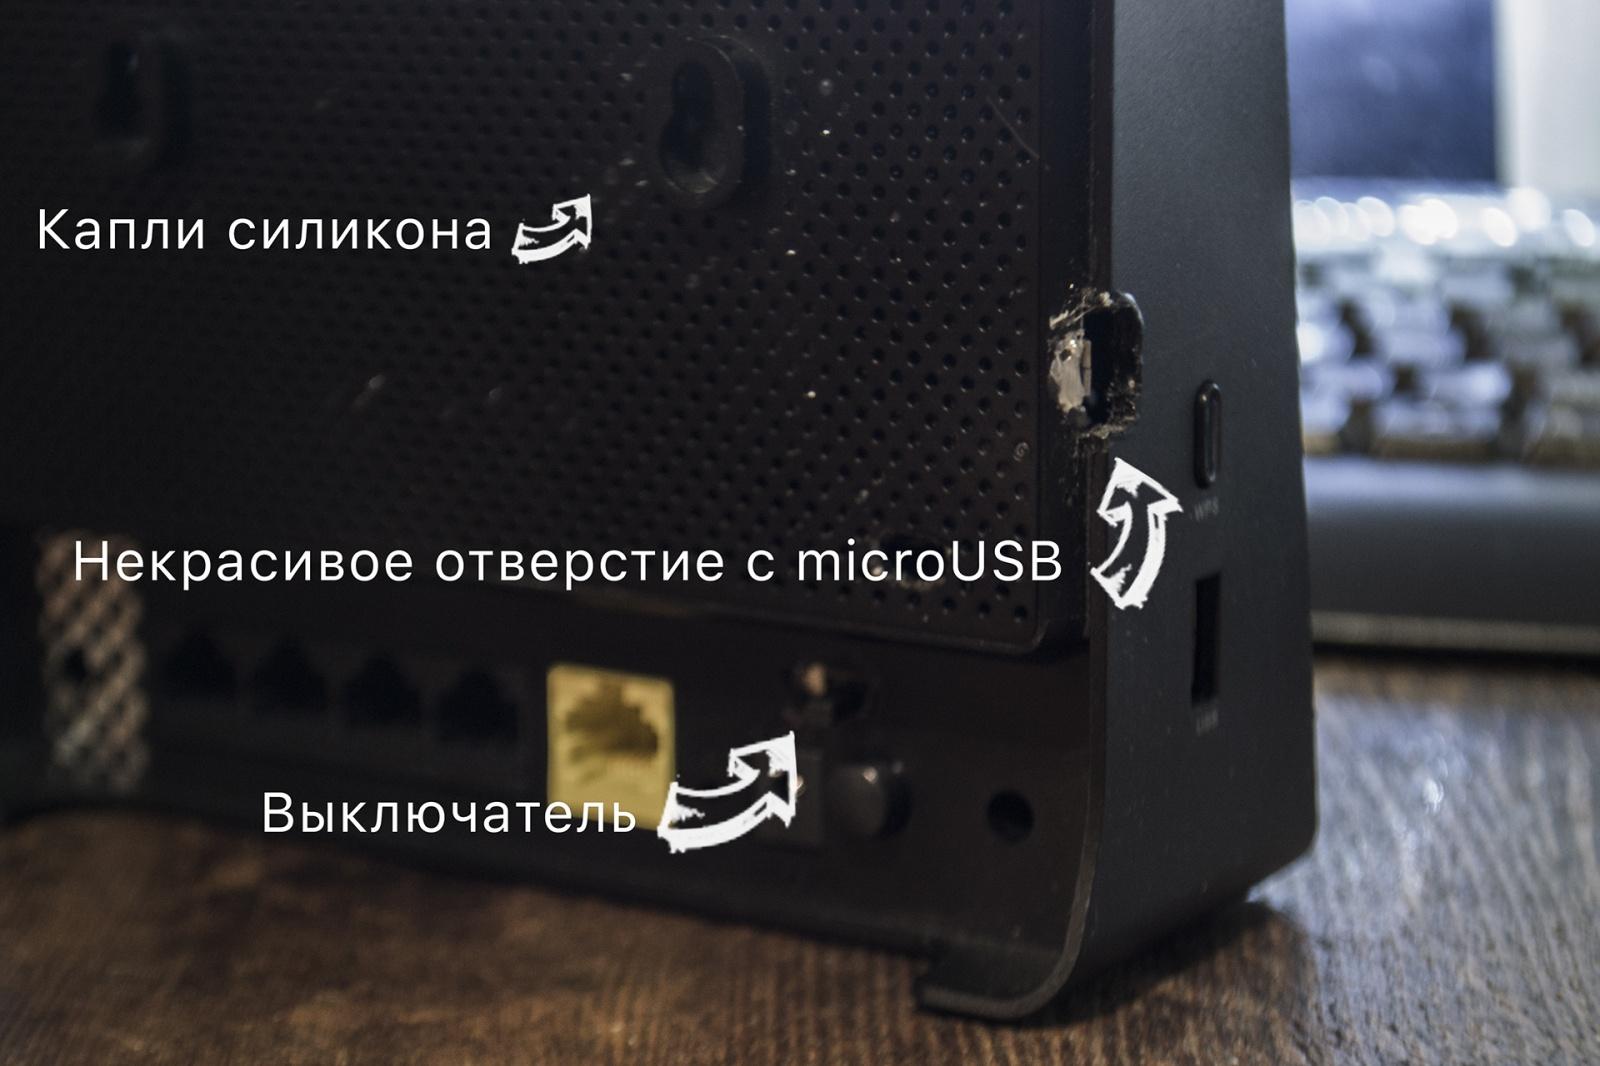 Делаем портативным роутер Dlink DIR320 - 4